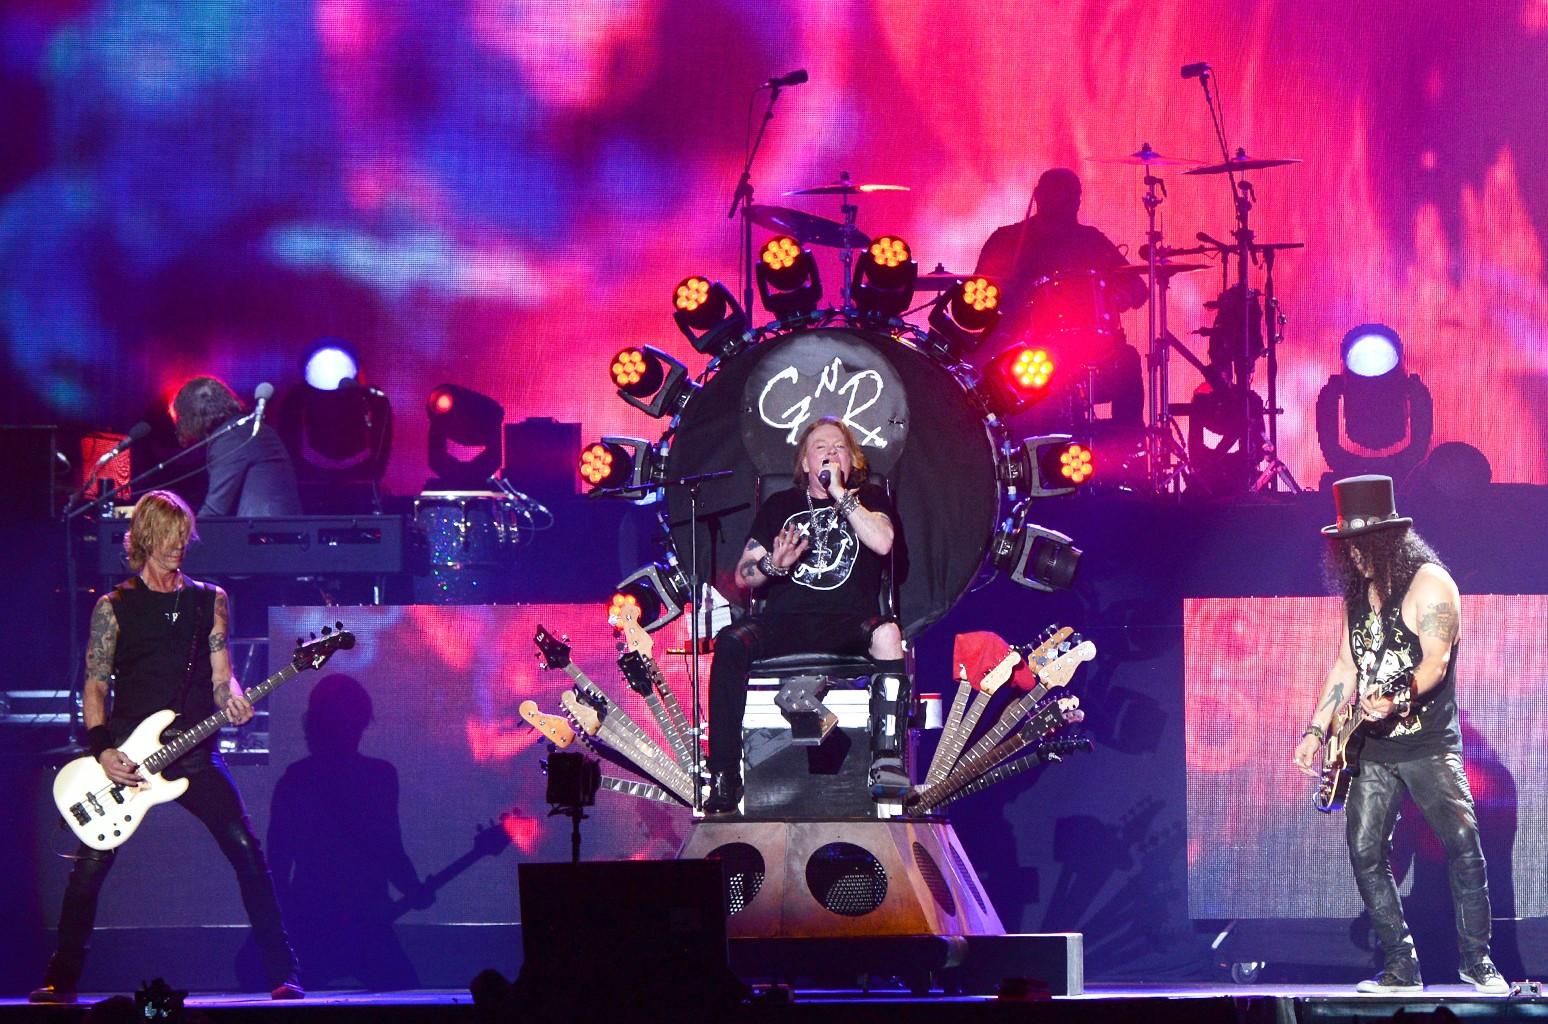 Duff McKagan, Axl Rose and Slash of Guns N' Roses